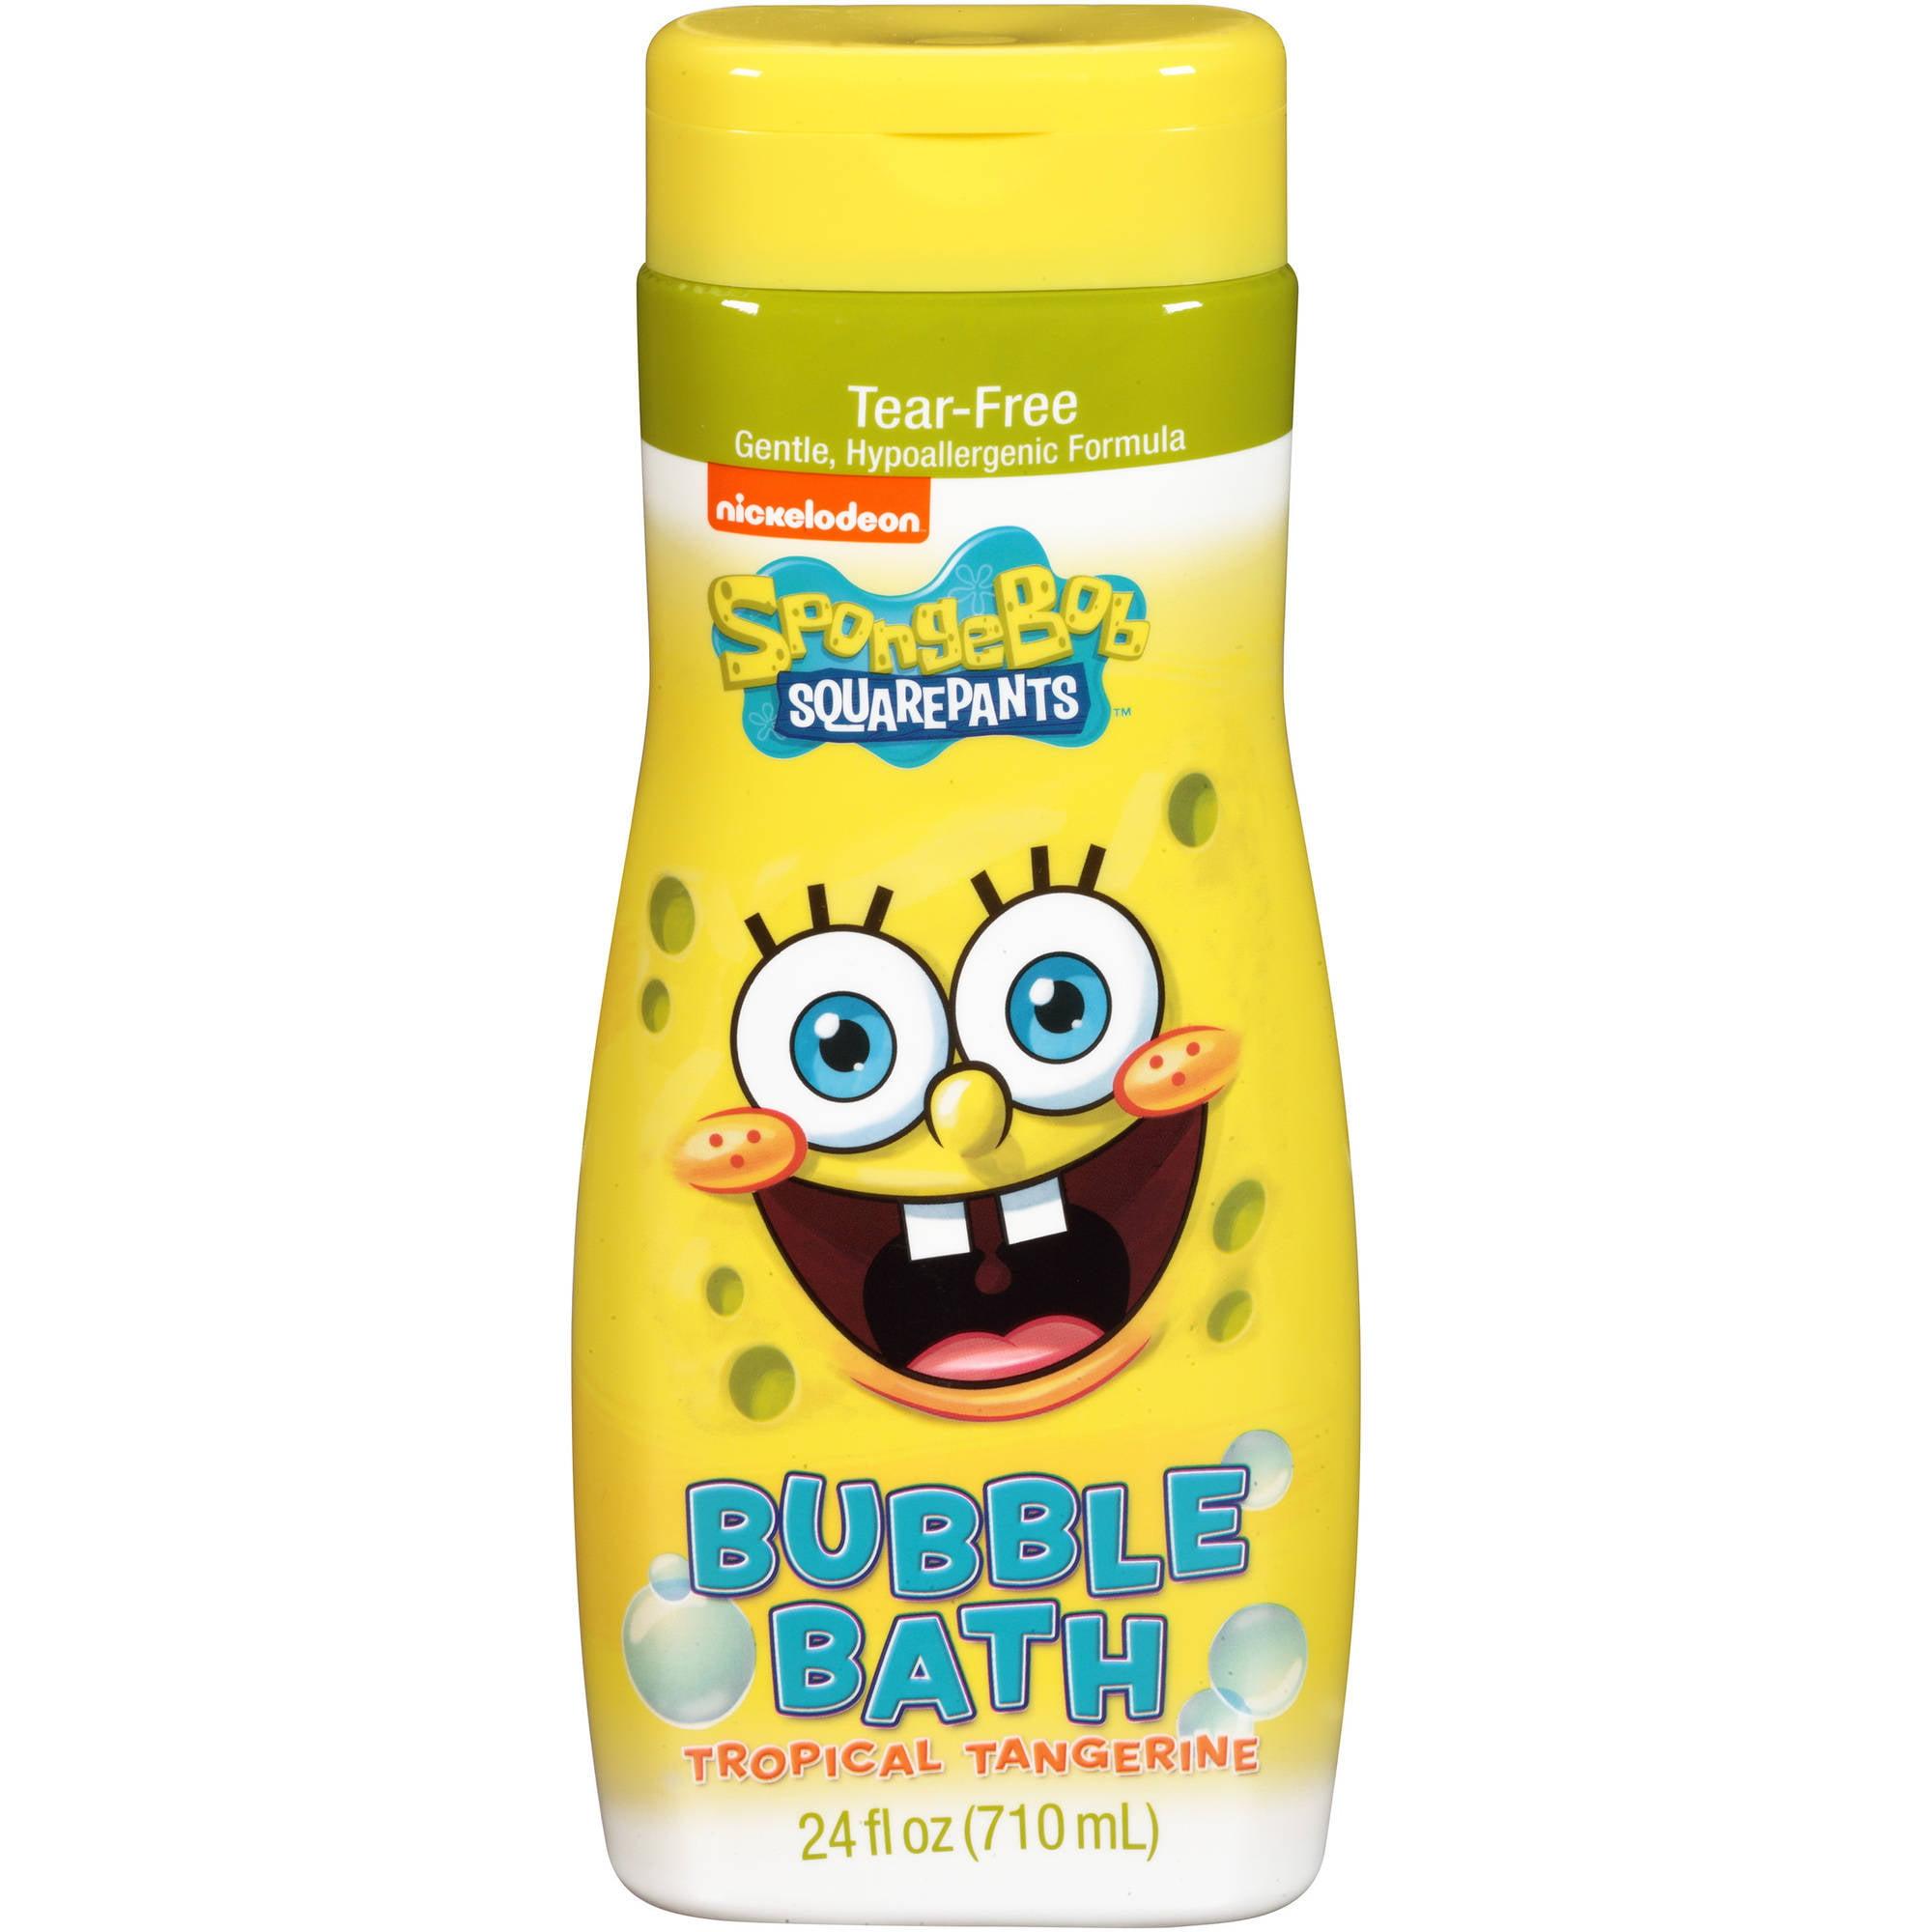 Spongebob squarepants bathroom accessories - Nickelodeon Spongebob Squarepants Tropical Tangerine Bubble Bath 24 Fl Oz Walmart Com